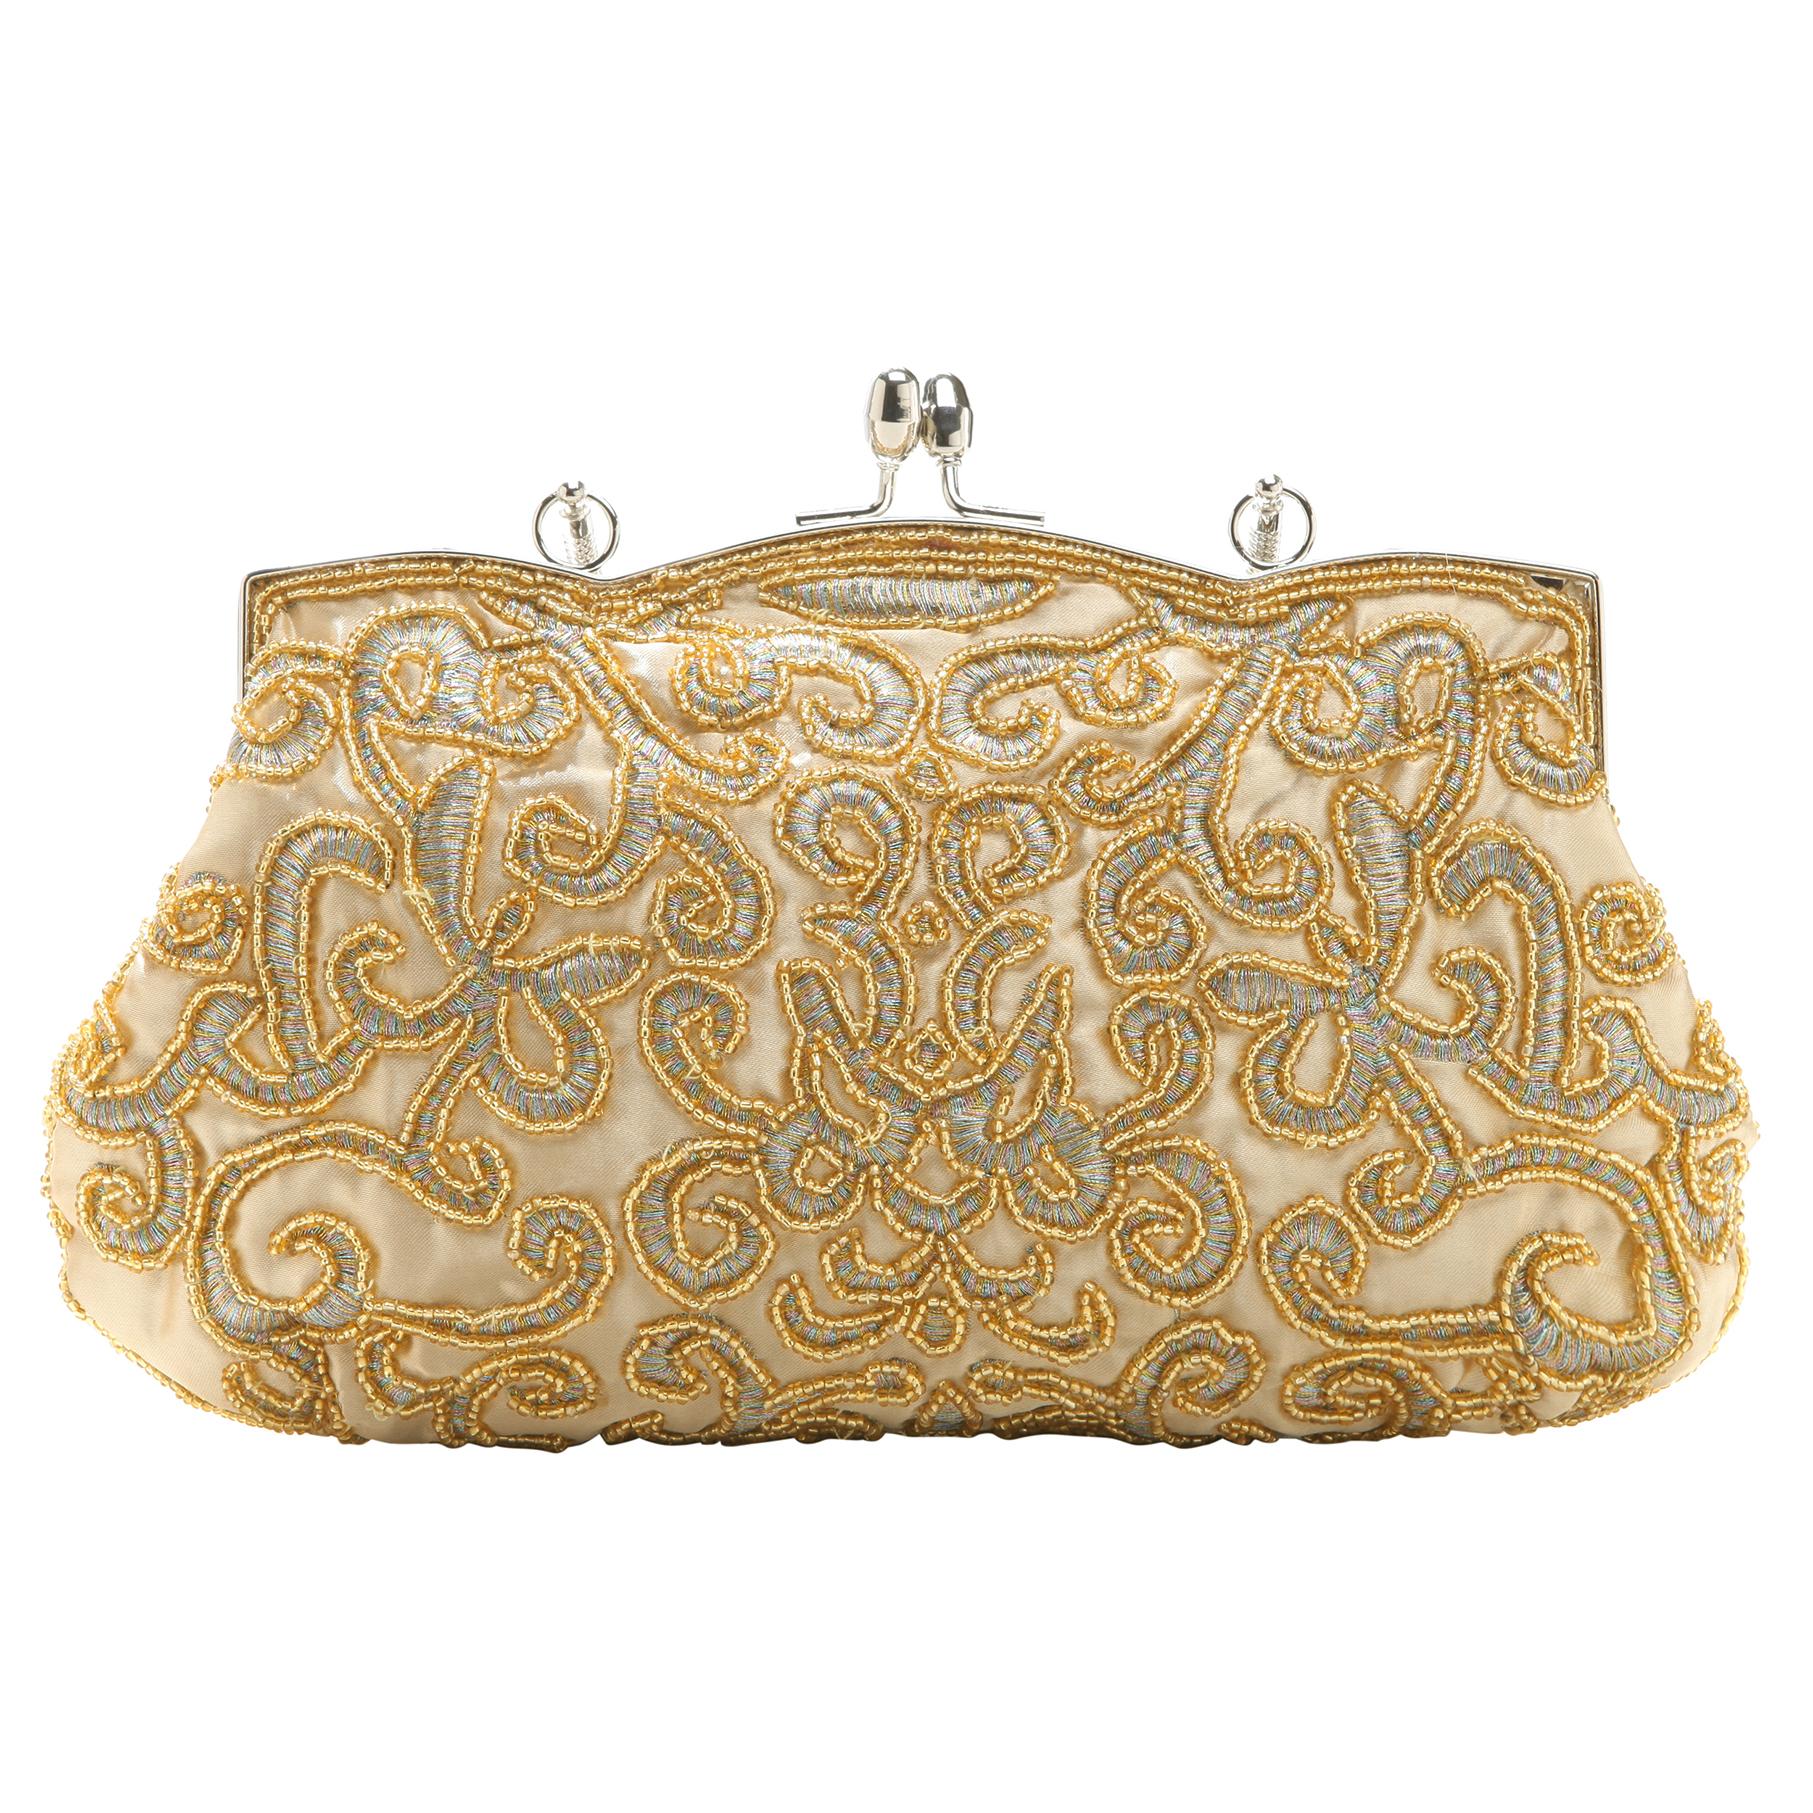 ADELE Gold Embroidered Evening Handbag back